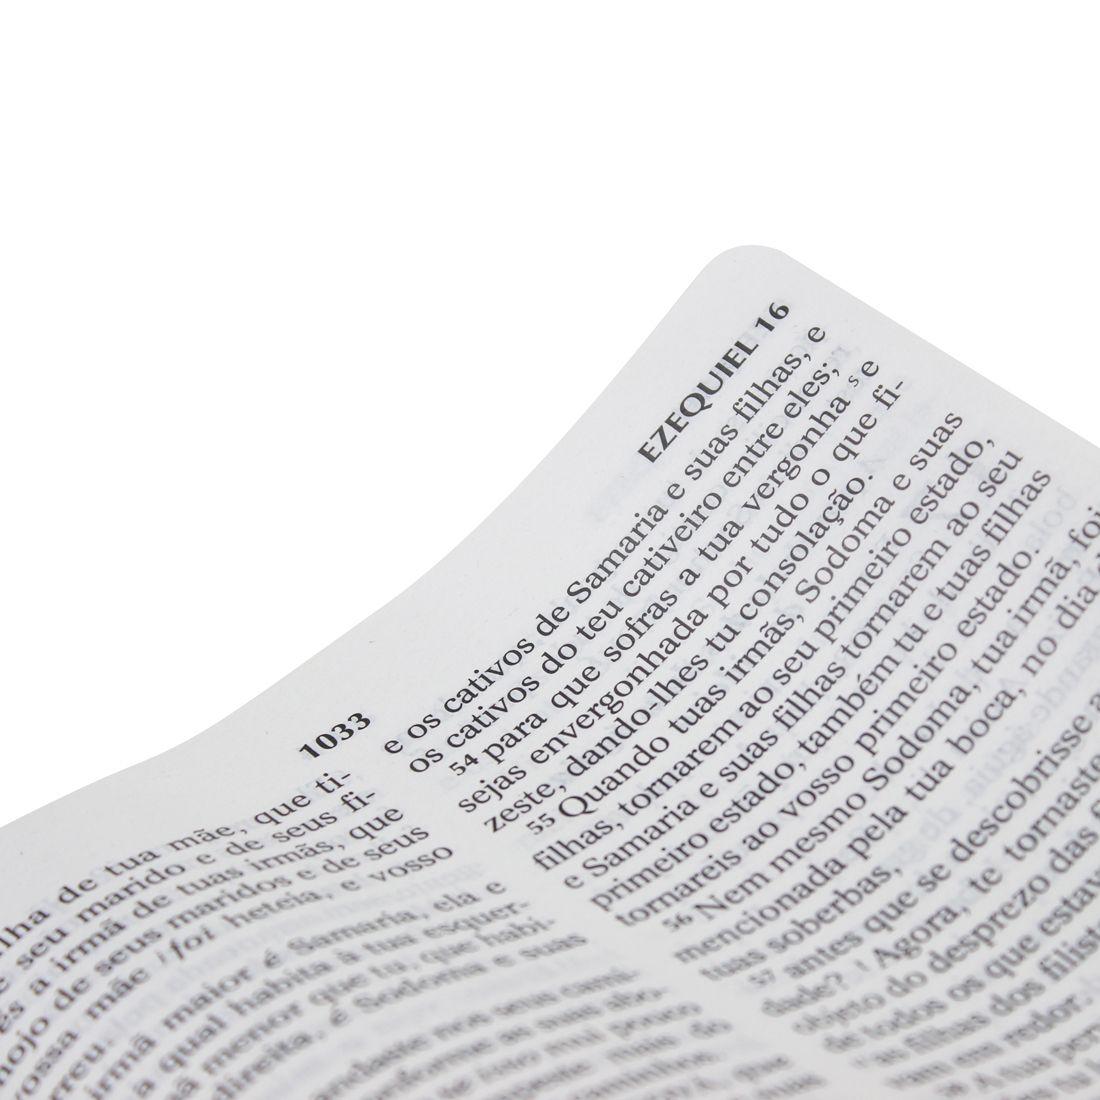 Bíblia Sagrada com Harpa Cristã - Letra Gigante  - Universo Bíblico Rs